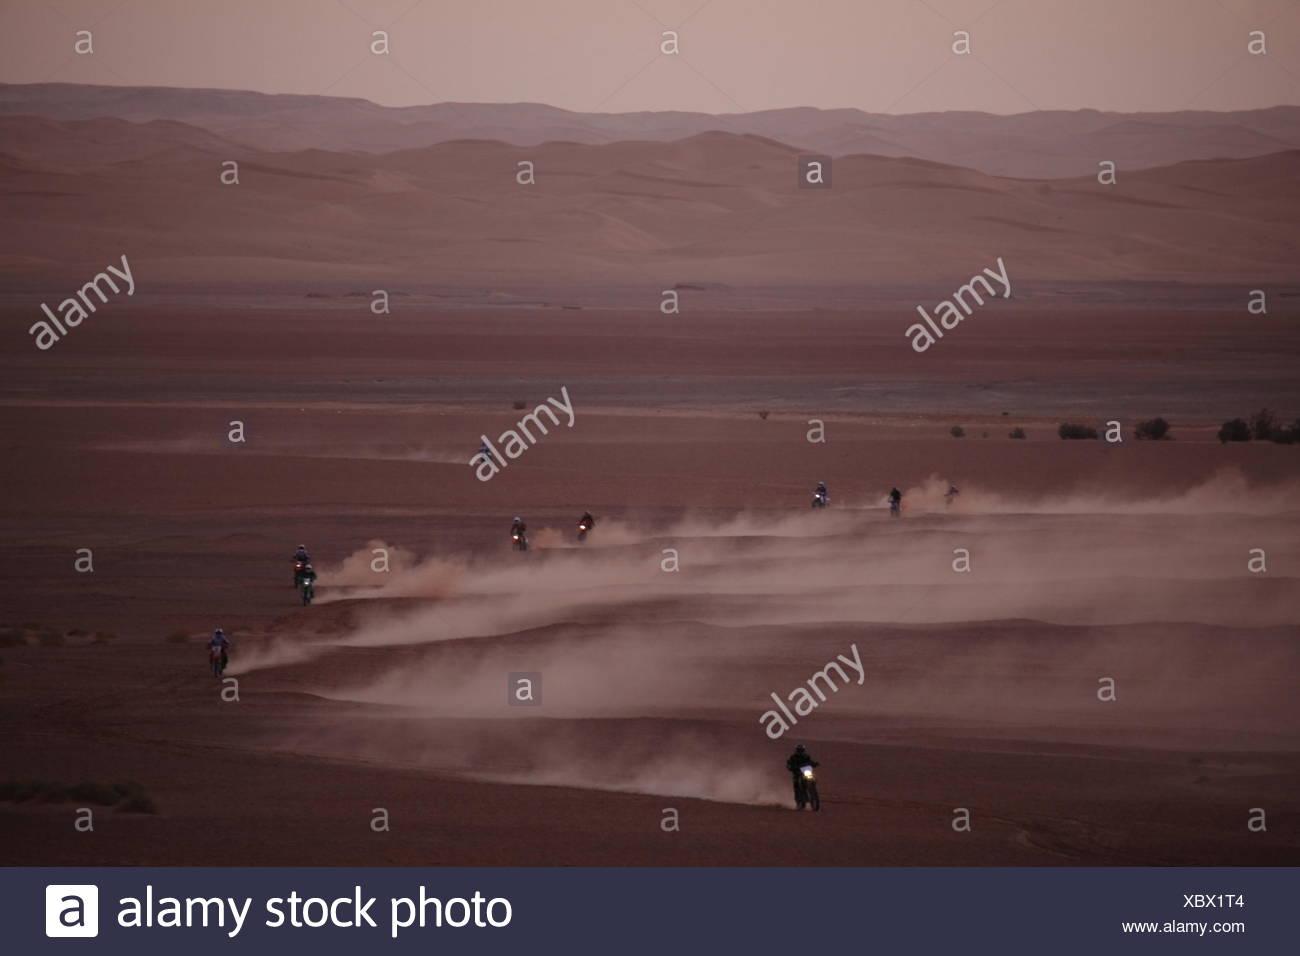 algeria desert wasteland - Stock Image